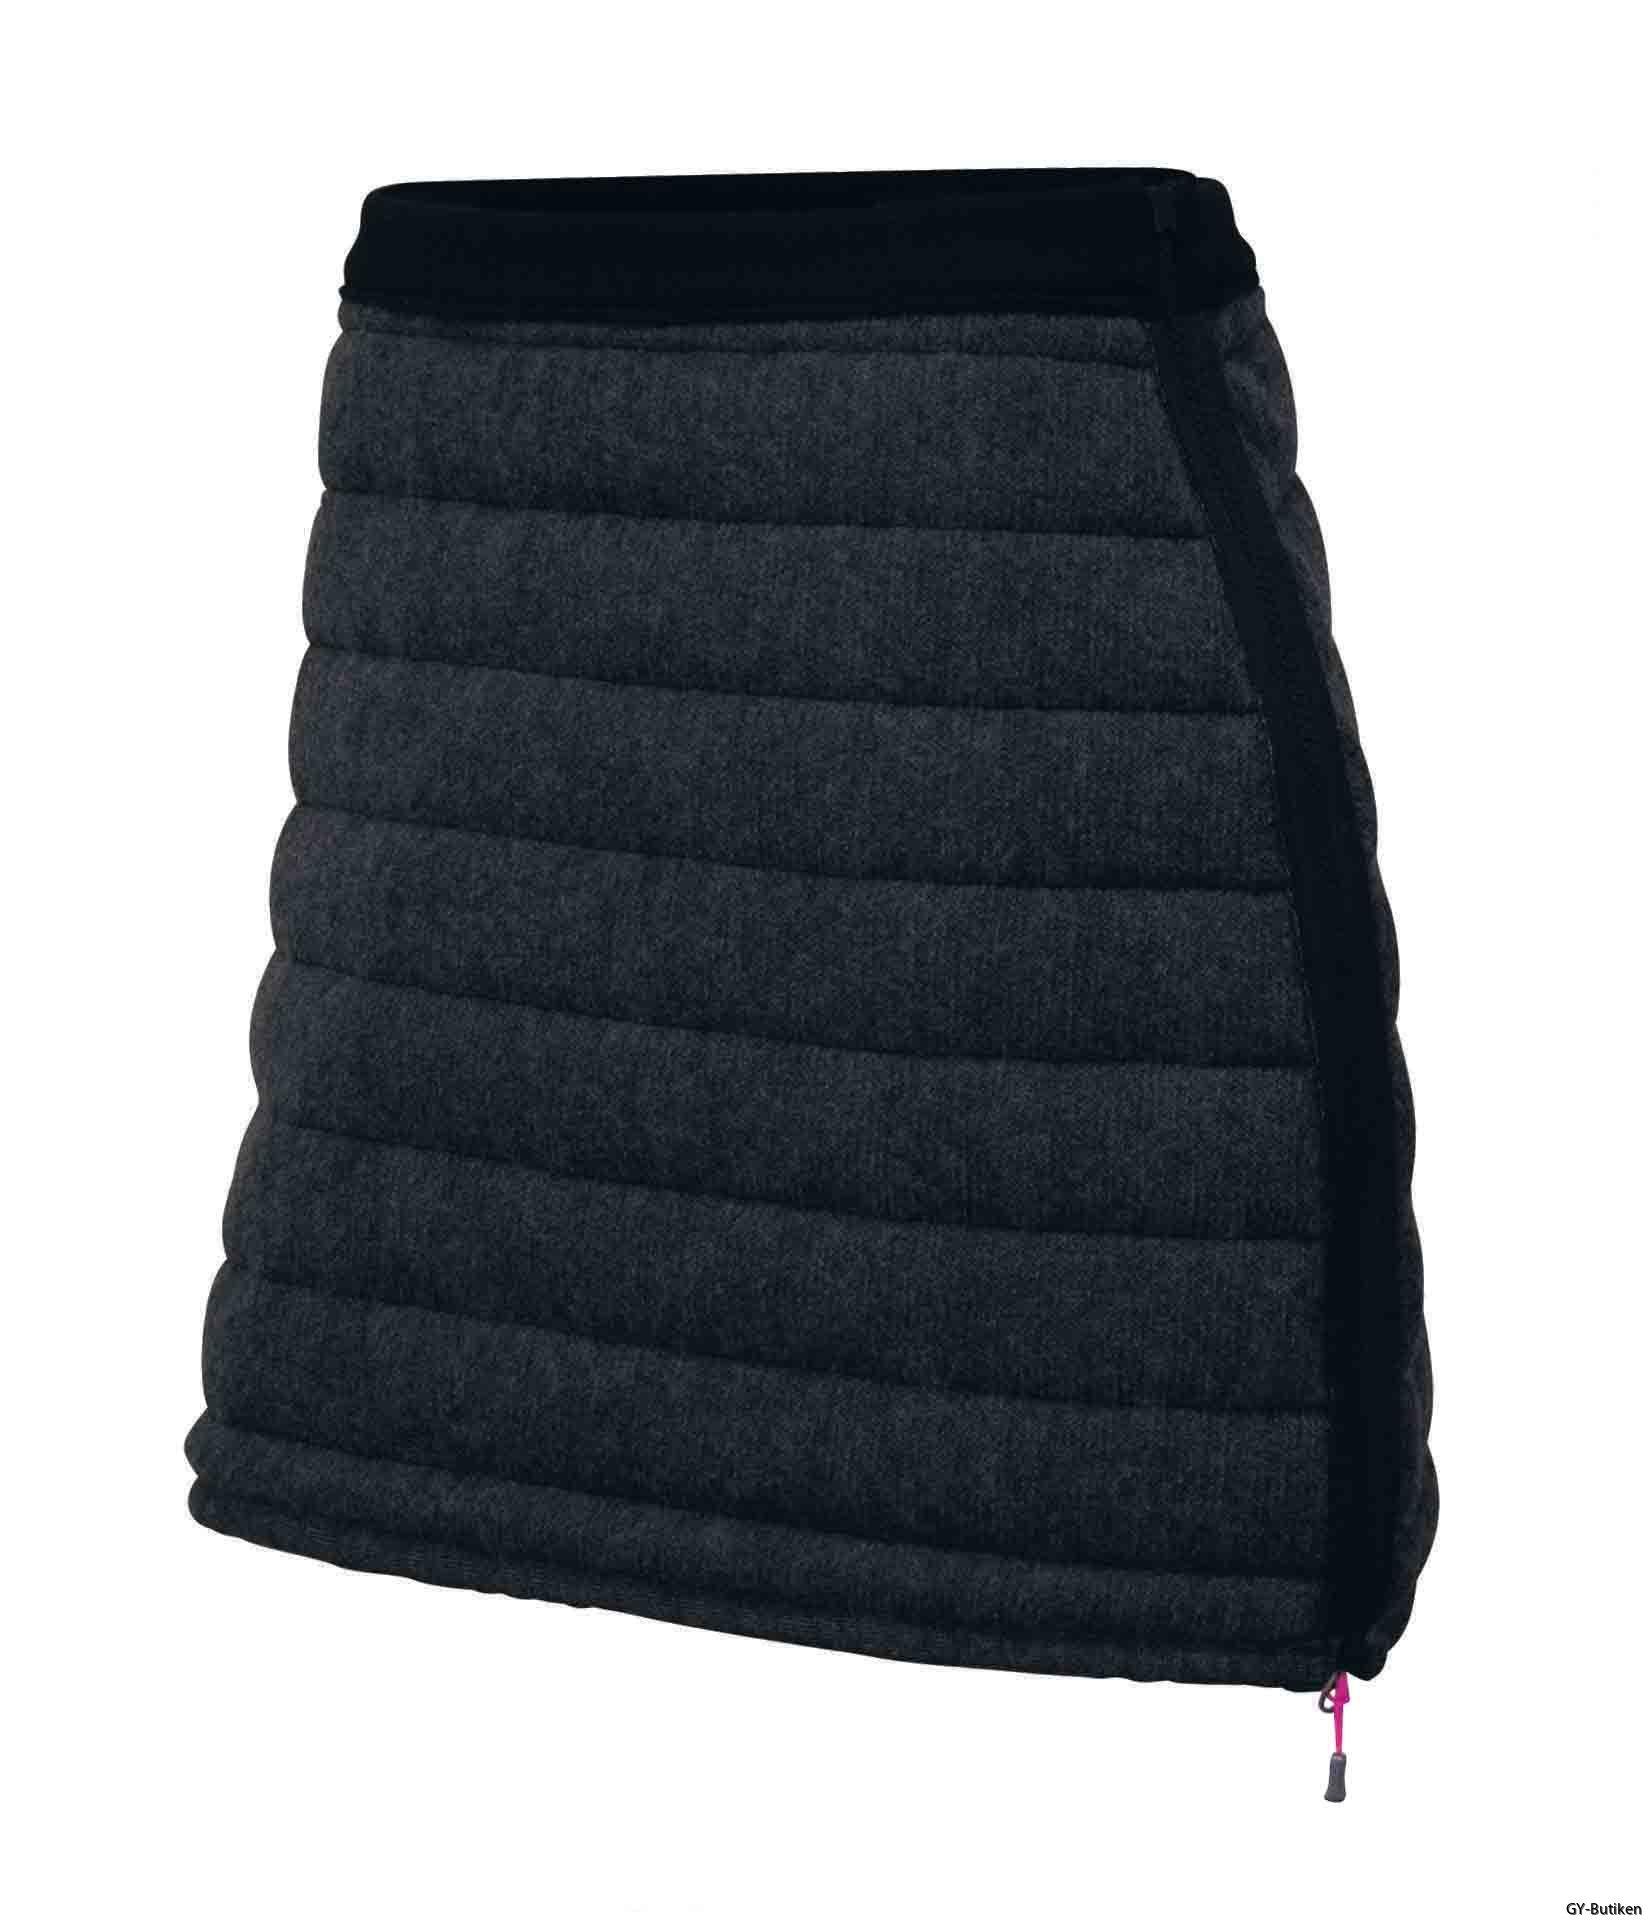 Pulsar_Short_Skirt_015_knitted_side